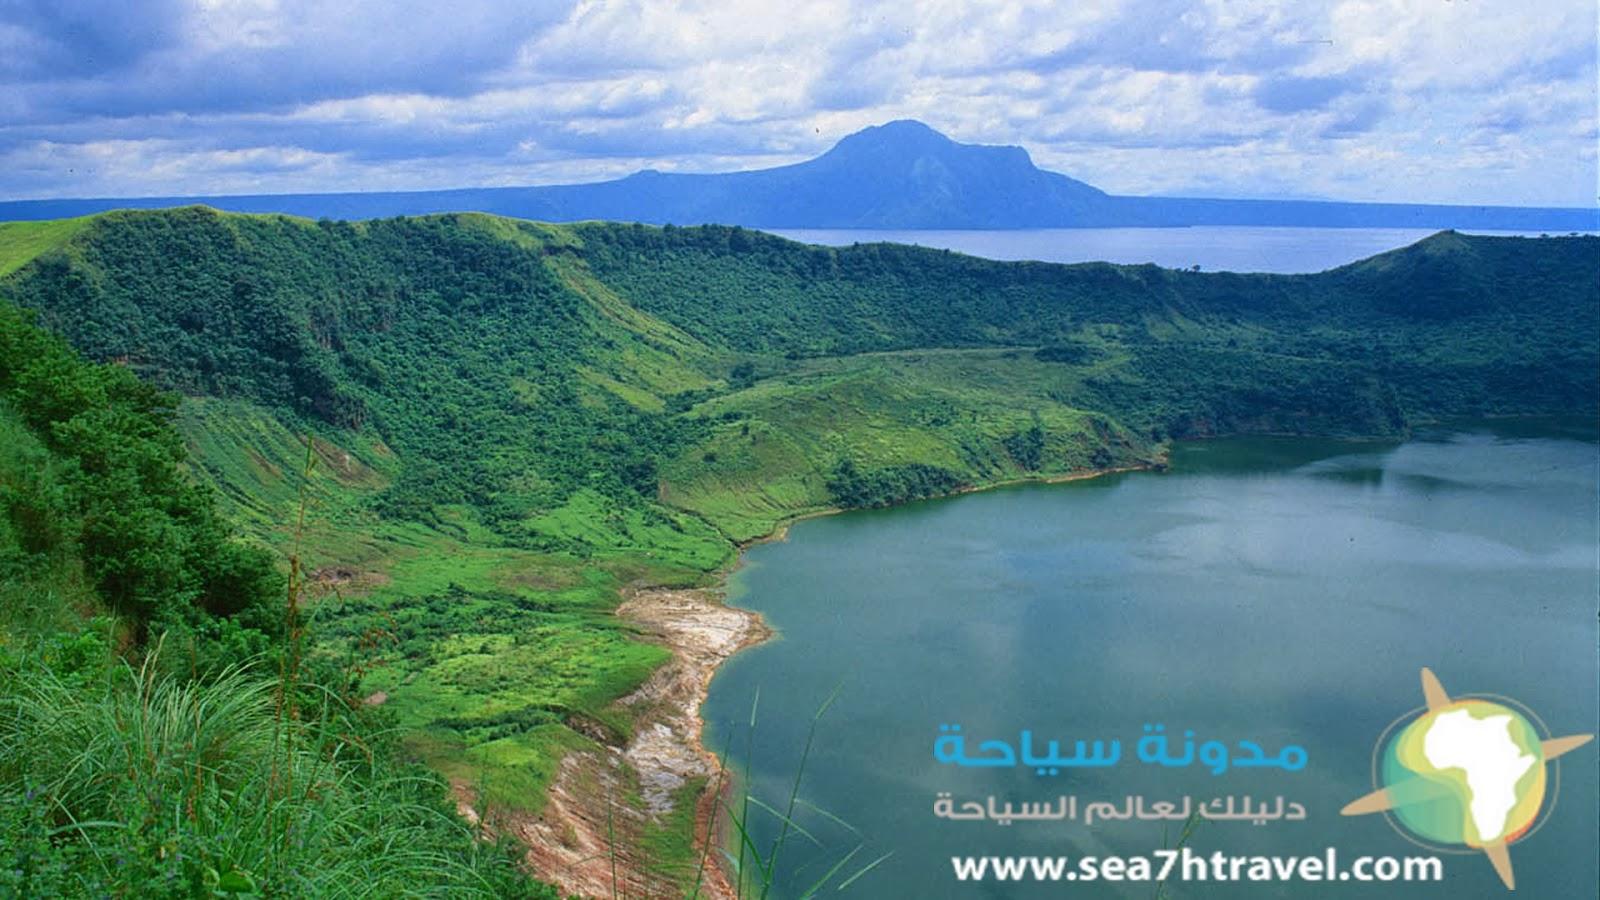 منطقة تال في الفلبين طبيعة ساحرة